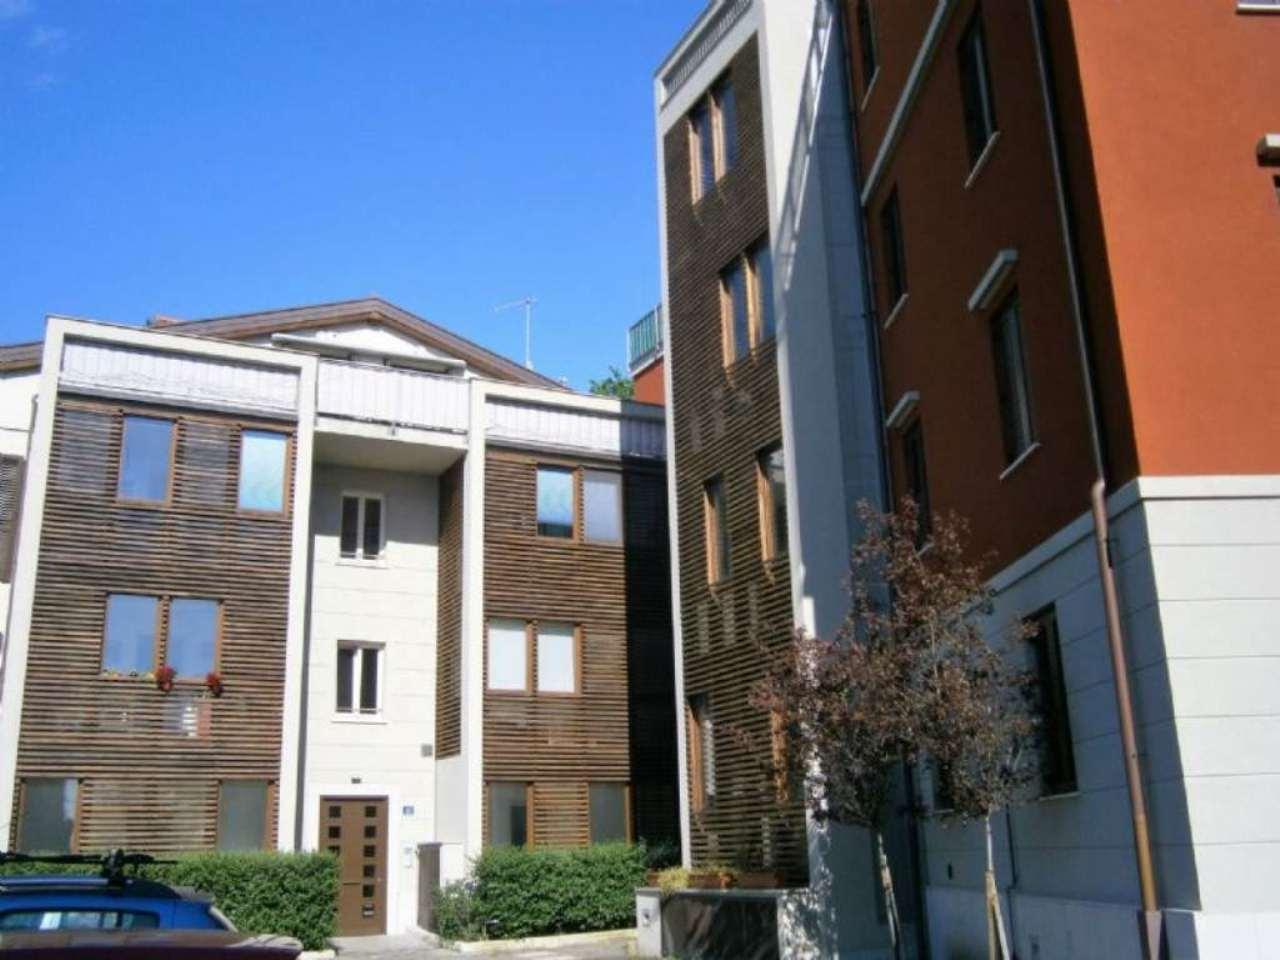 Appartamento in vendita a Trieste, 1 locali, prezzo € 87.000 | Cambio Casa.it